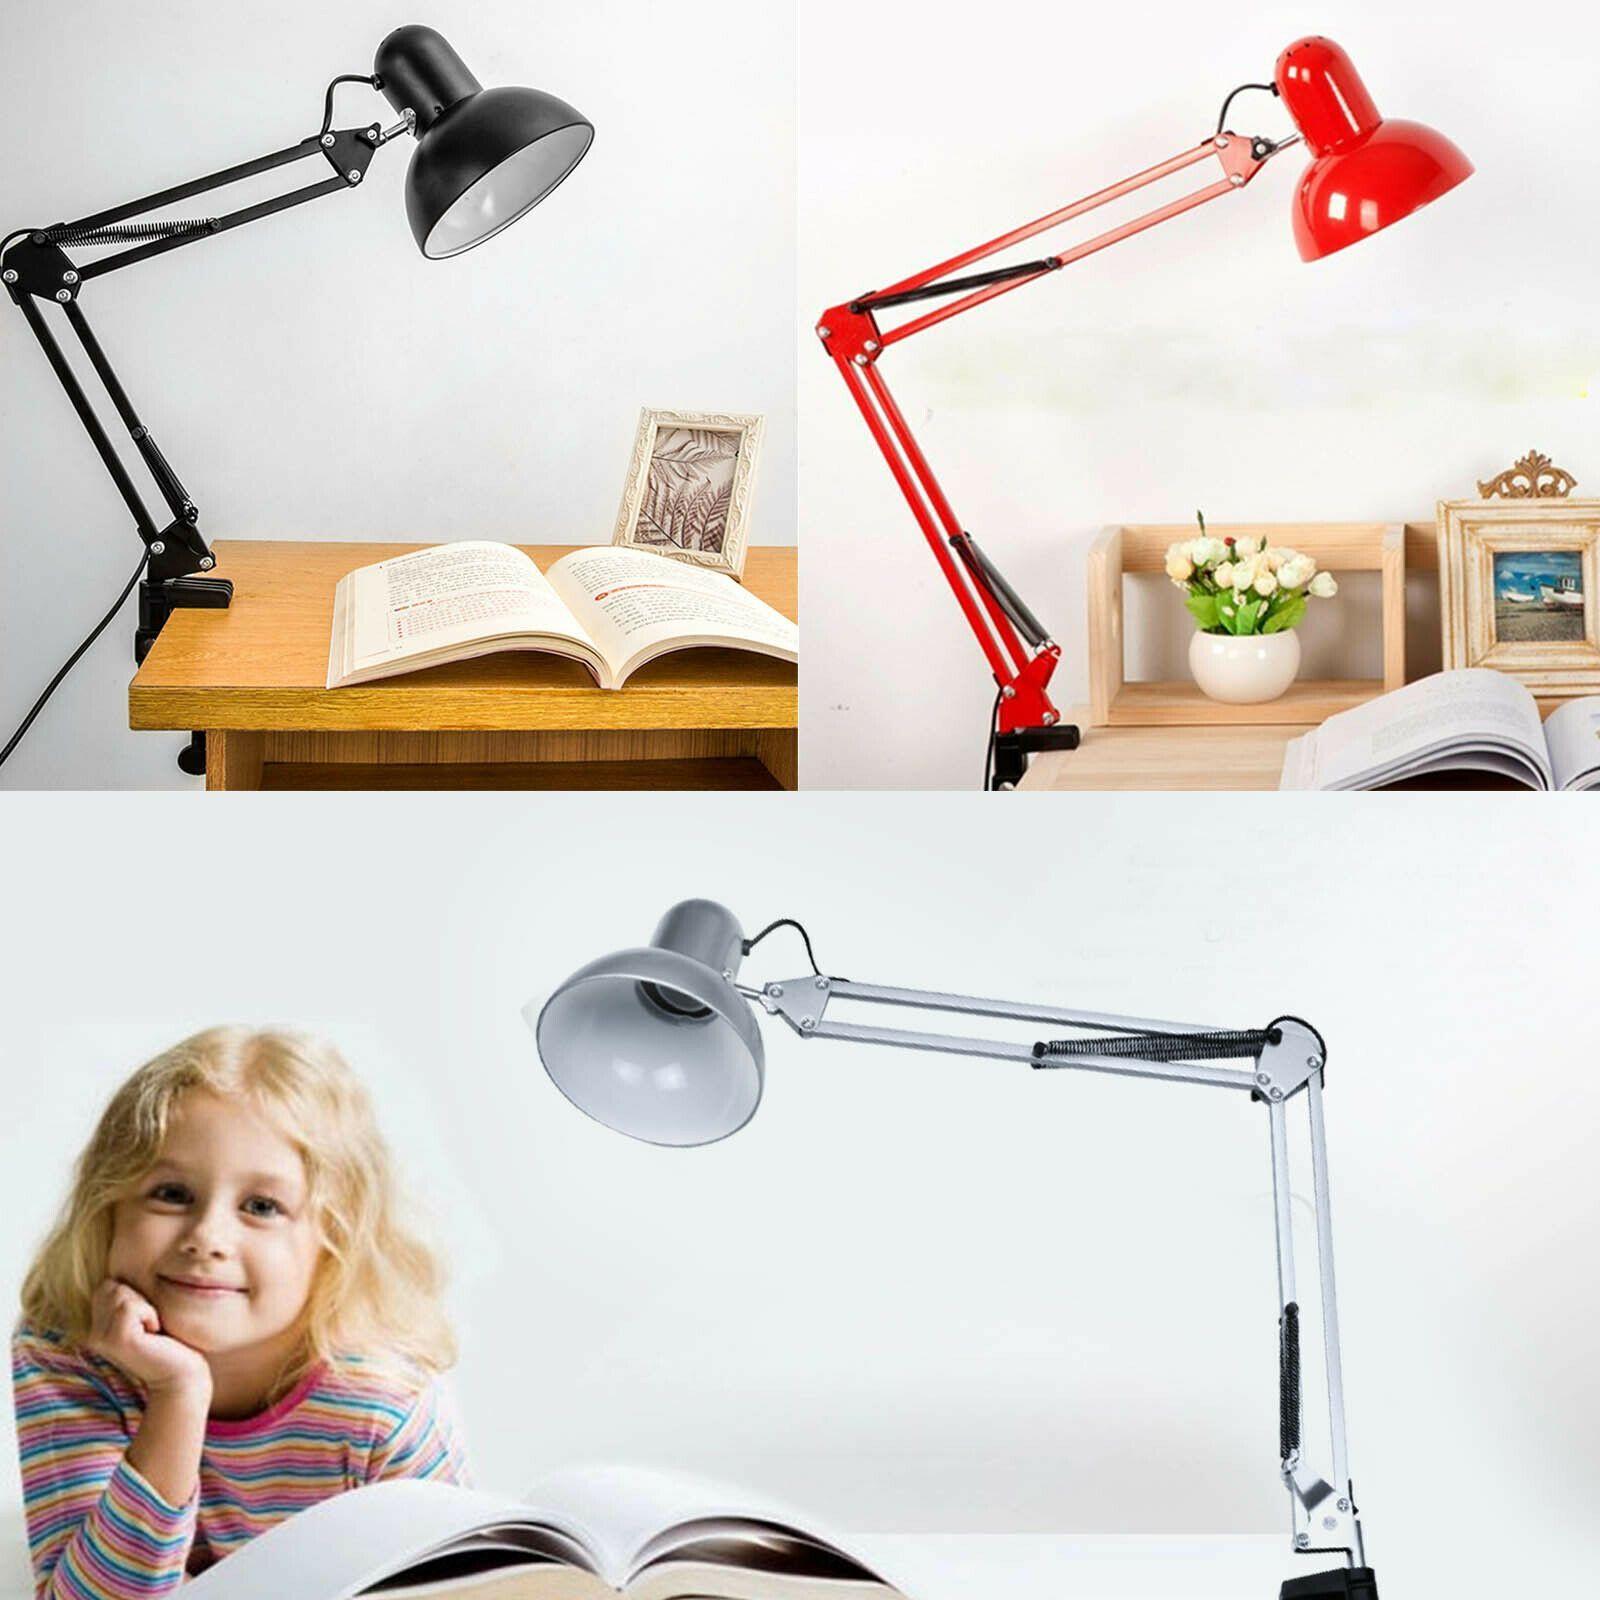 0220v Arm Clamp Desk Flexible Home Lamp Led Light Mount Office Swing Table 0220v Flexible Table Led Desk Lamp Swing A Led Desk Lamp Desk Lamp Lamp